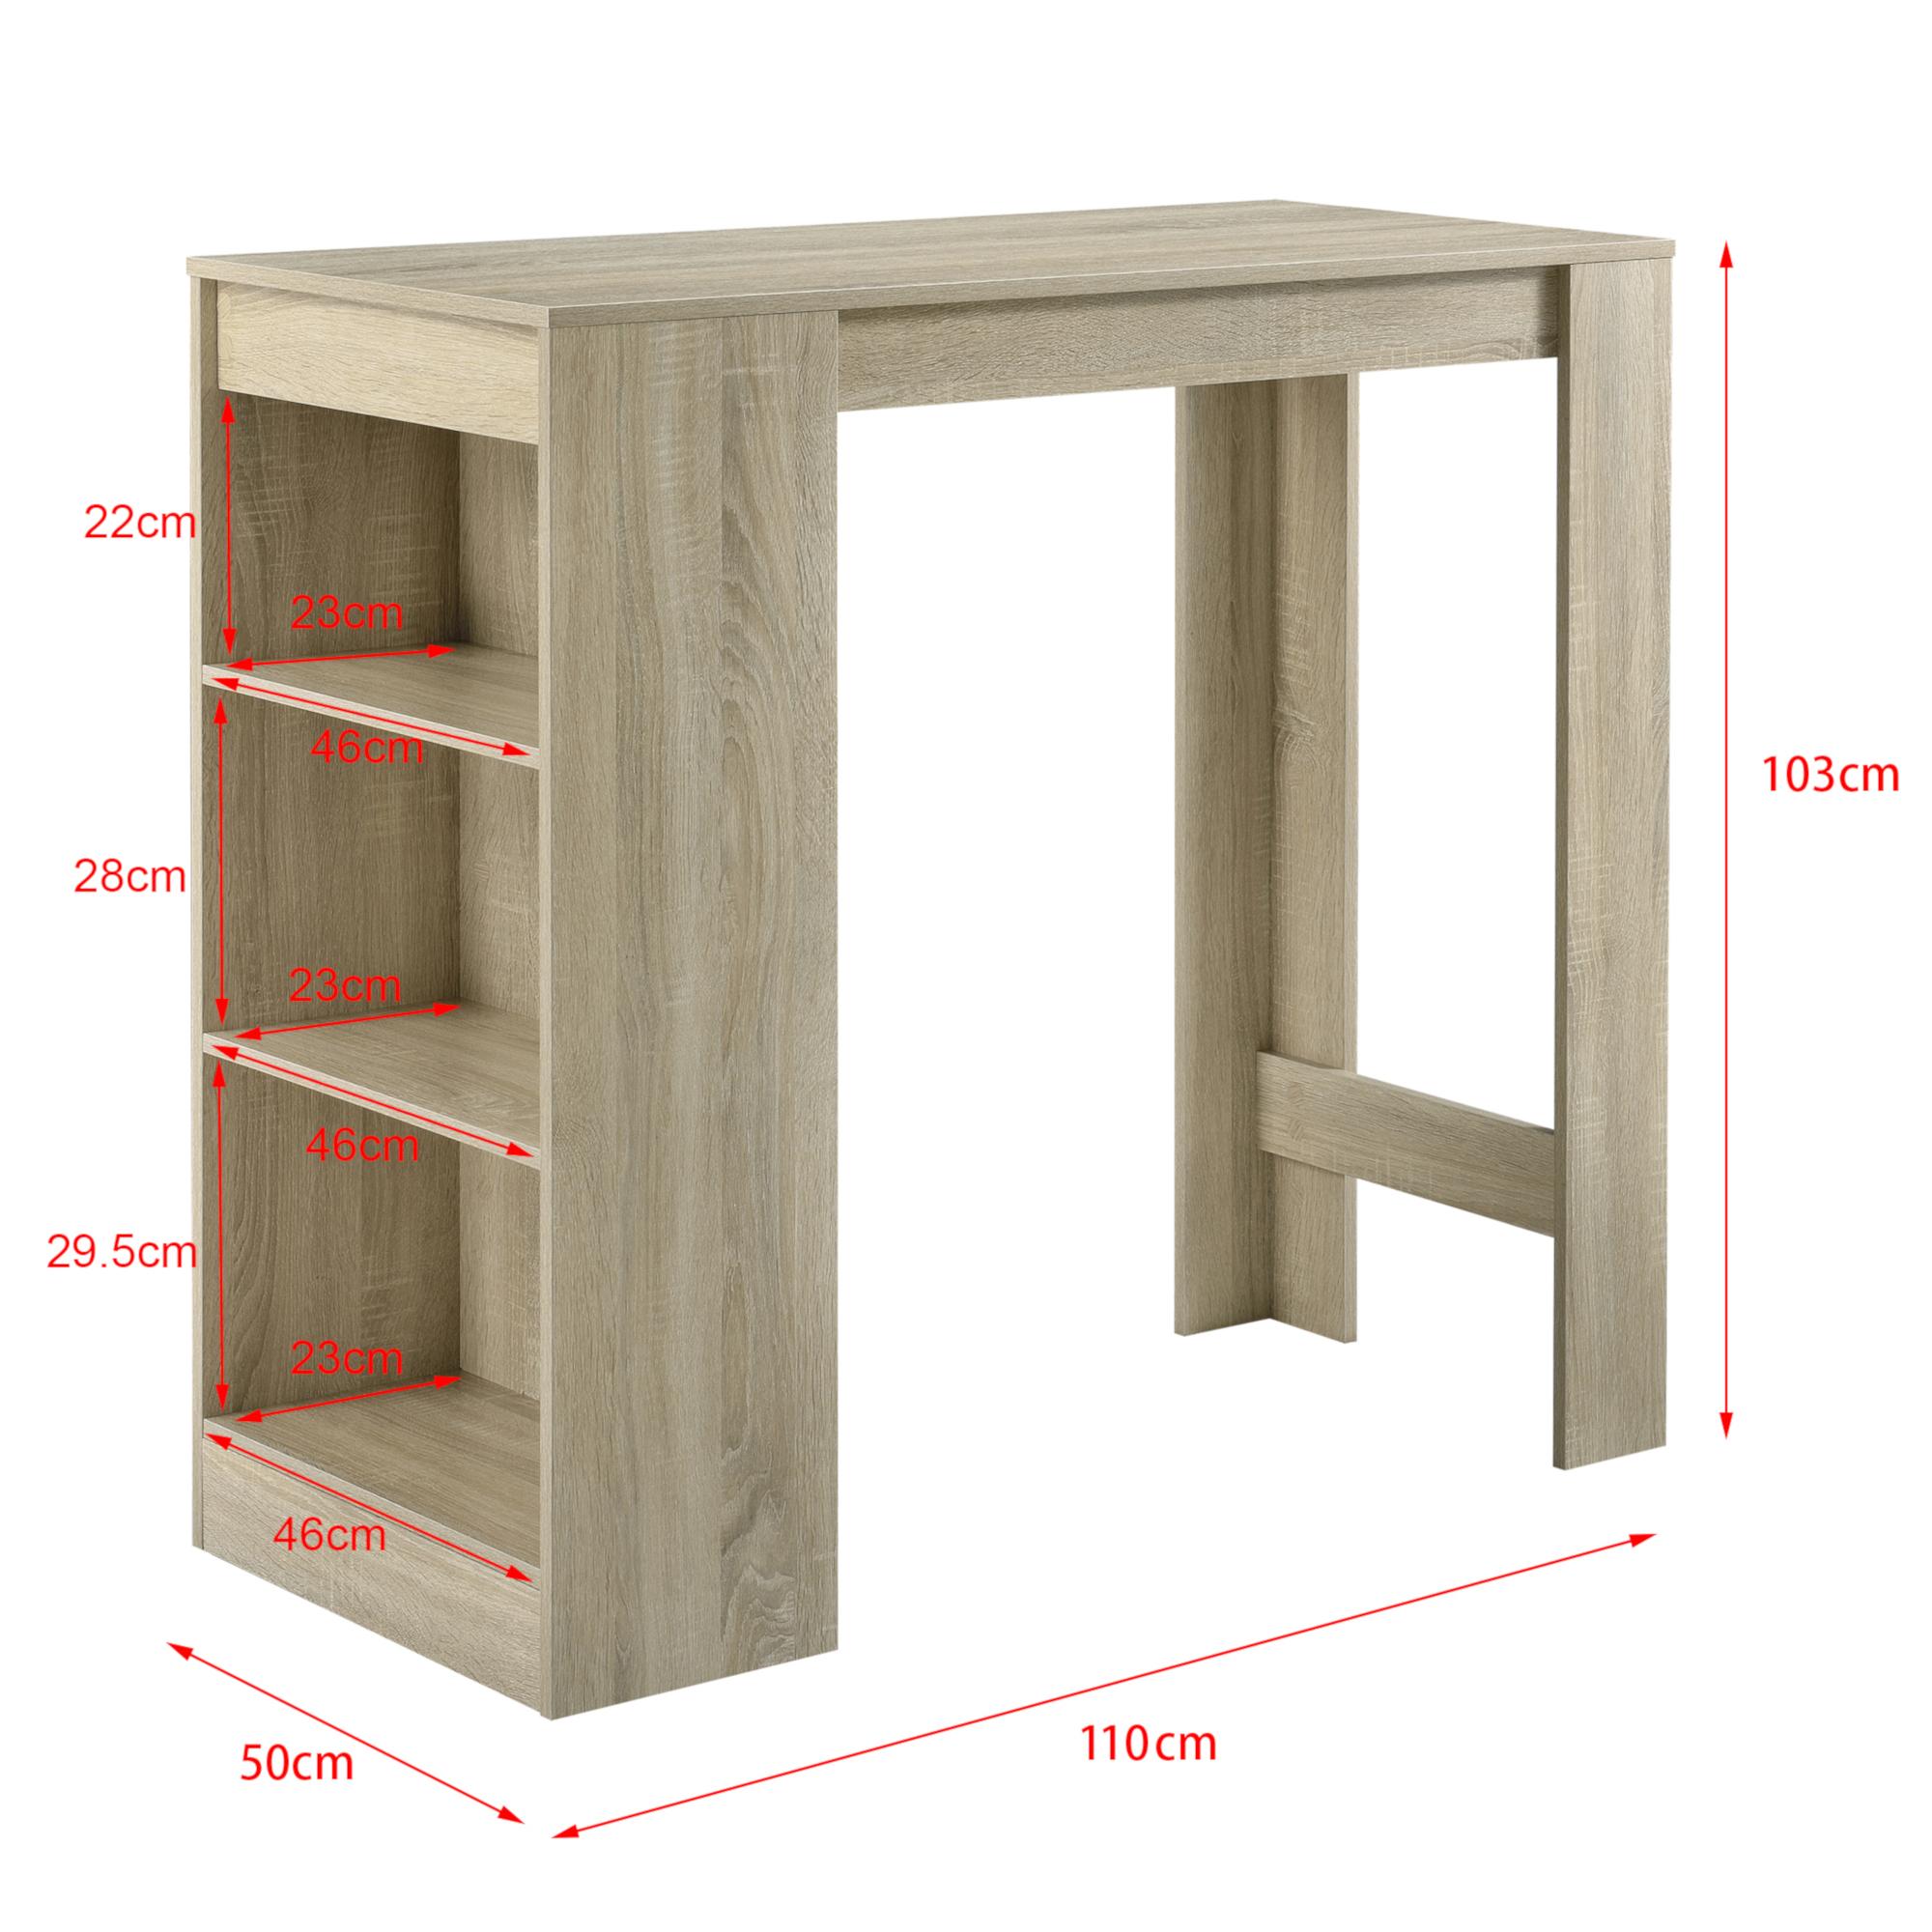 Table Haute Avec Rangement détails sur table de bar avec rangement table bistro haut avec 3 Étagères  110x50x103cm chêne